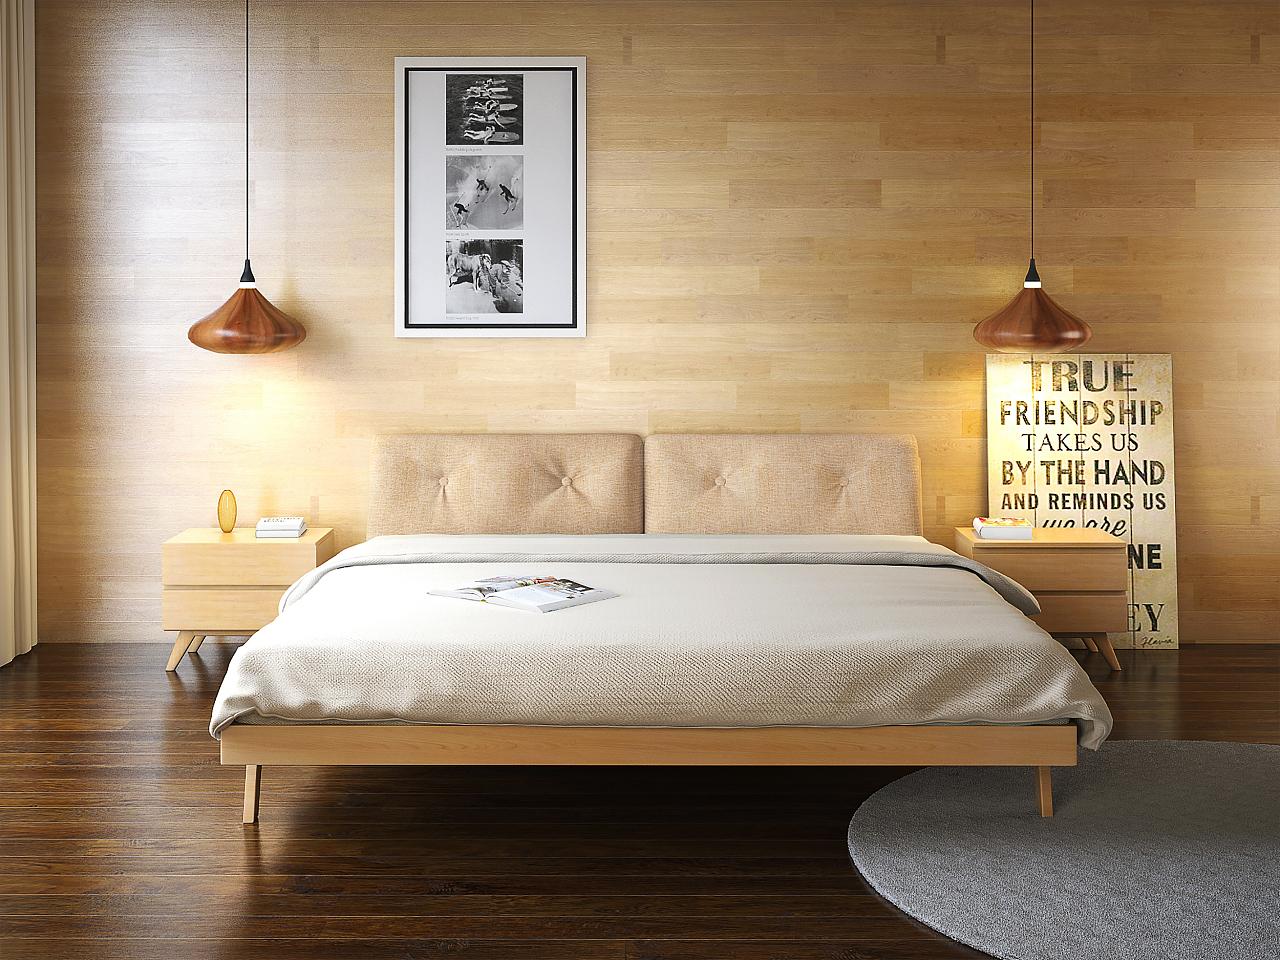 3d家具效果图|空间|室内设计|那个雨天爱上你 - 原创